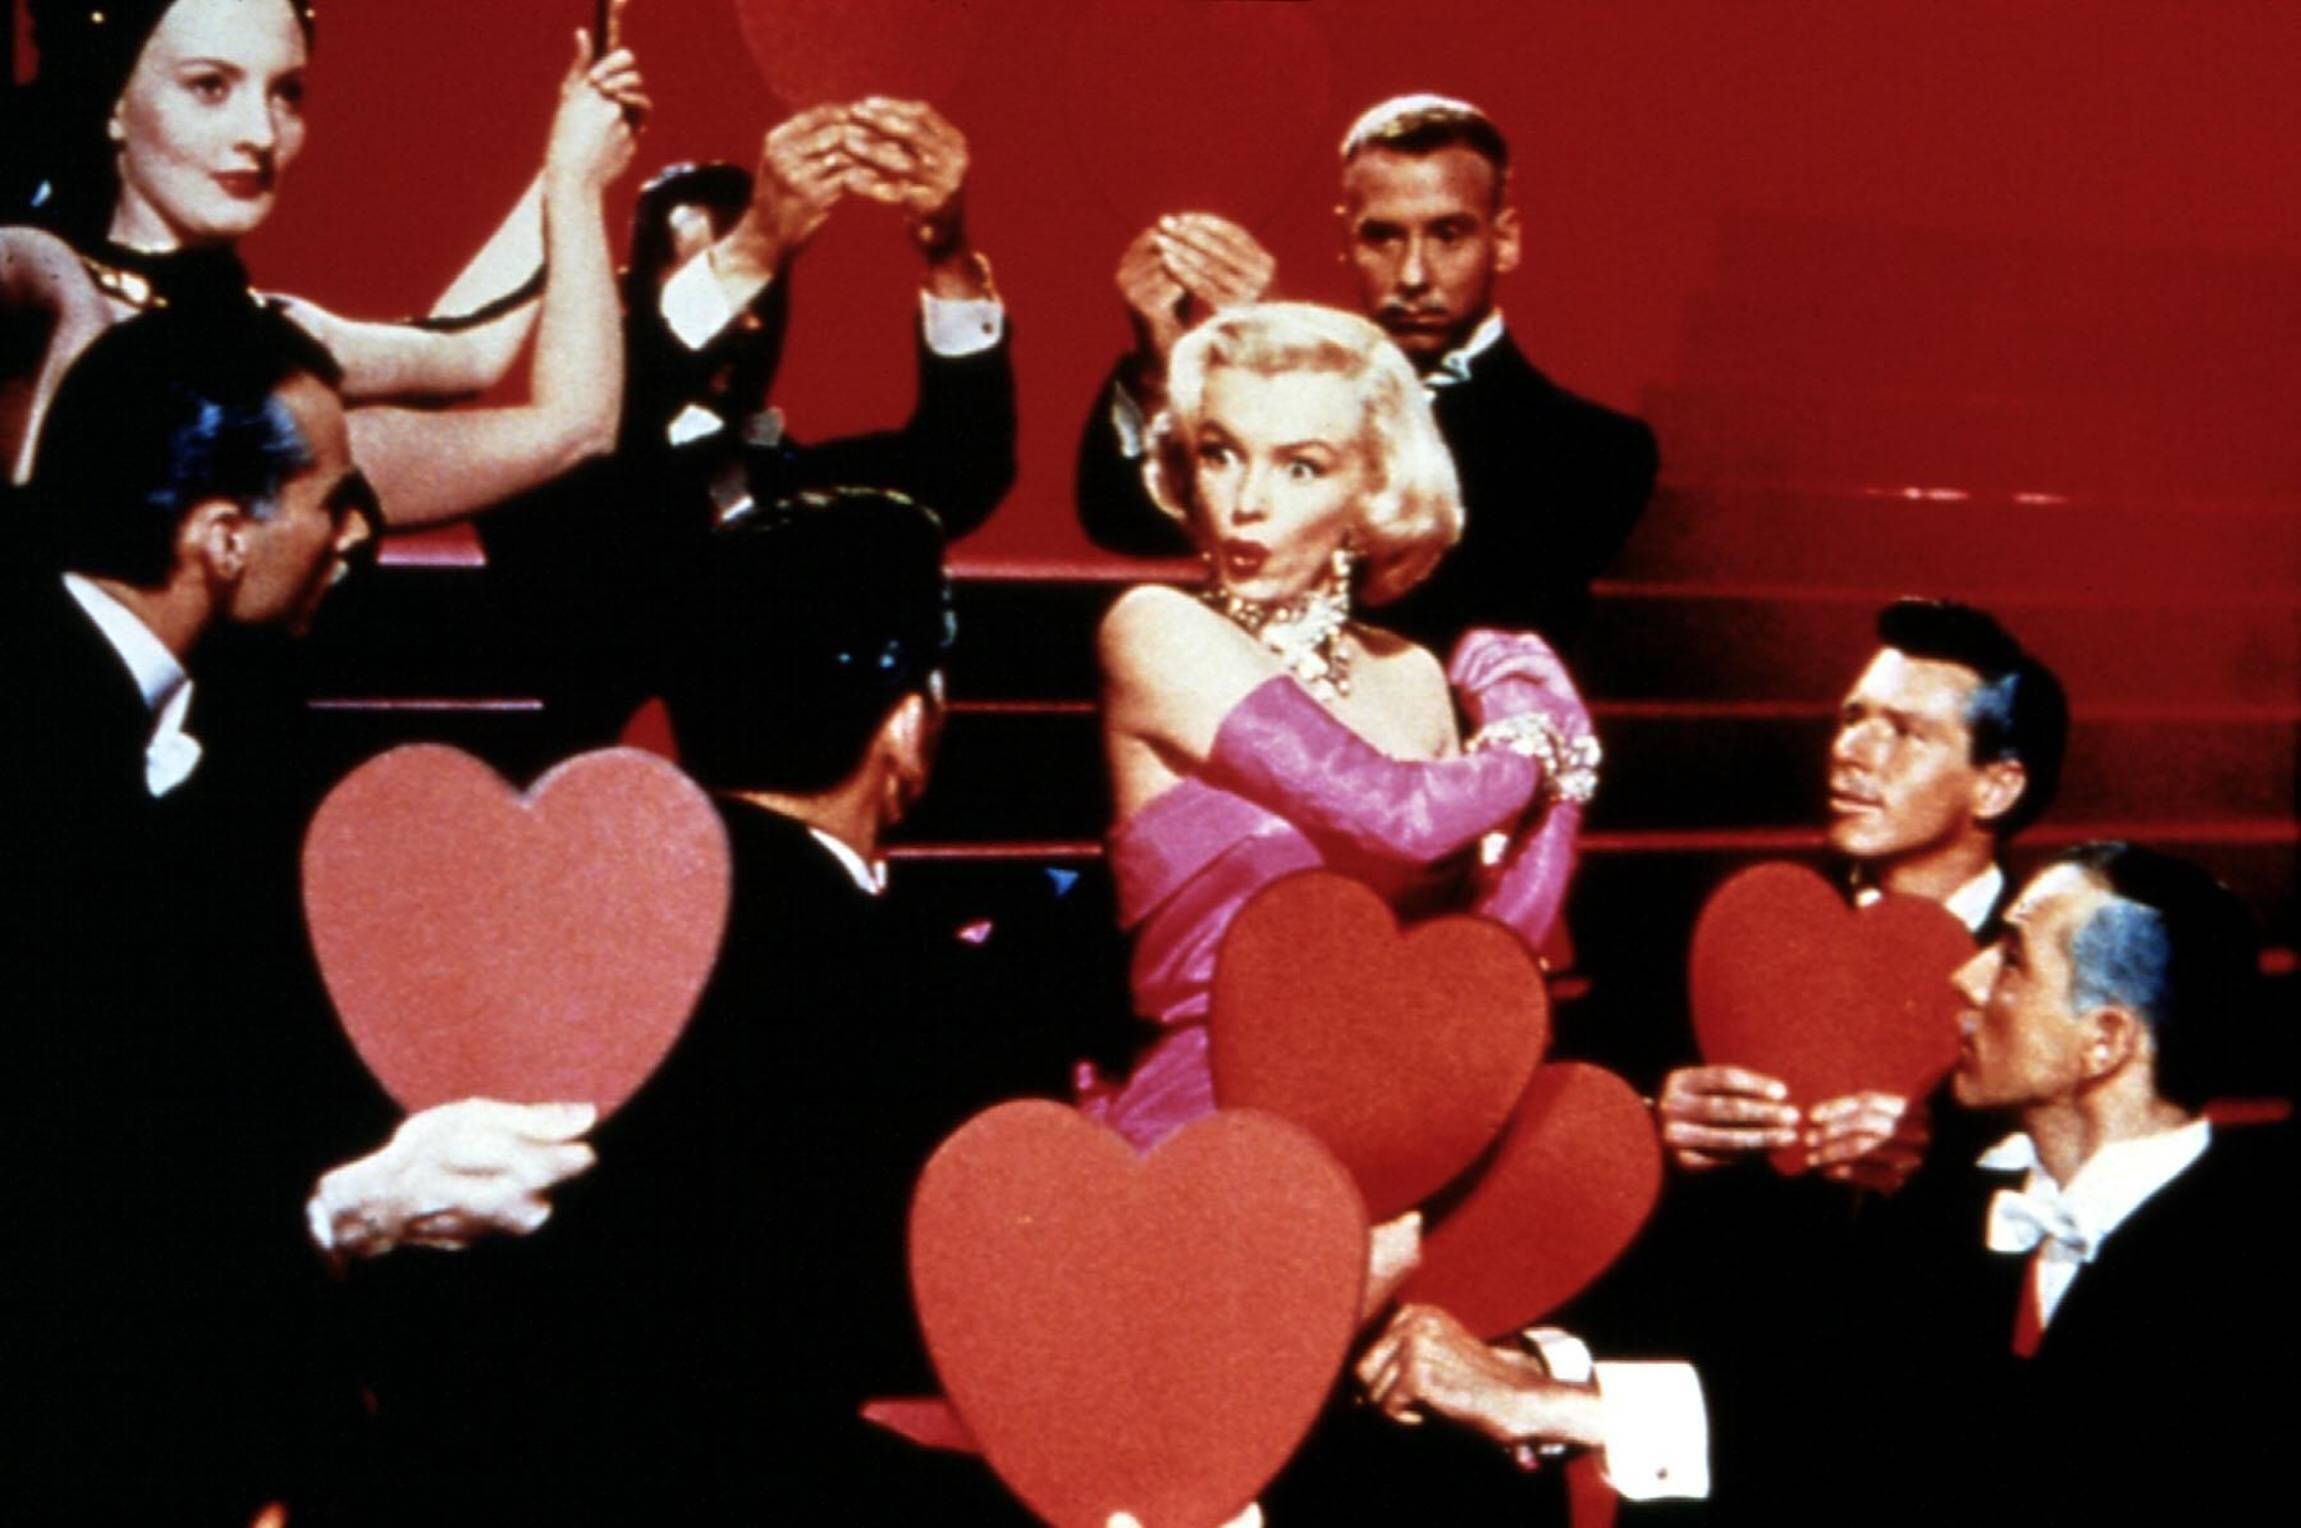 Джентльмени віддають перевагу блондинкам Мерилін Монро фільм